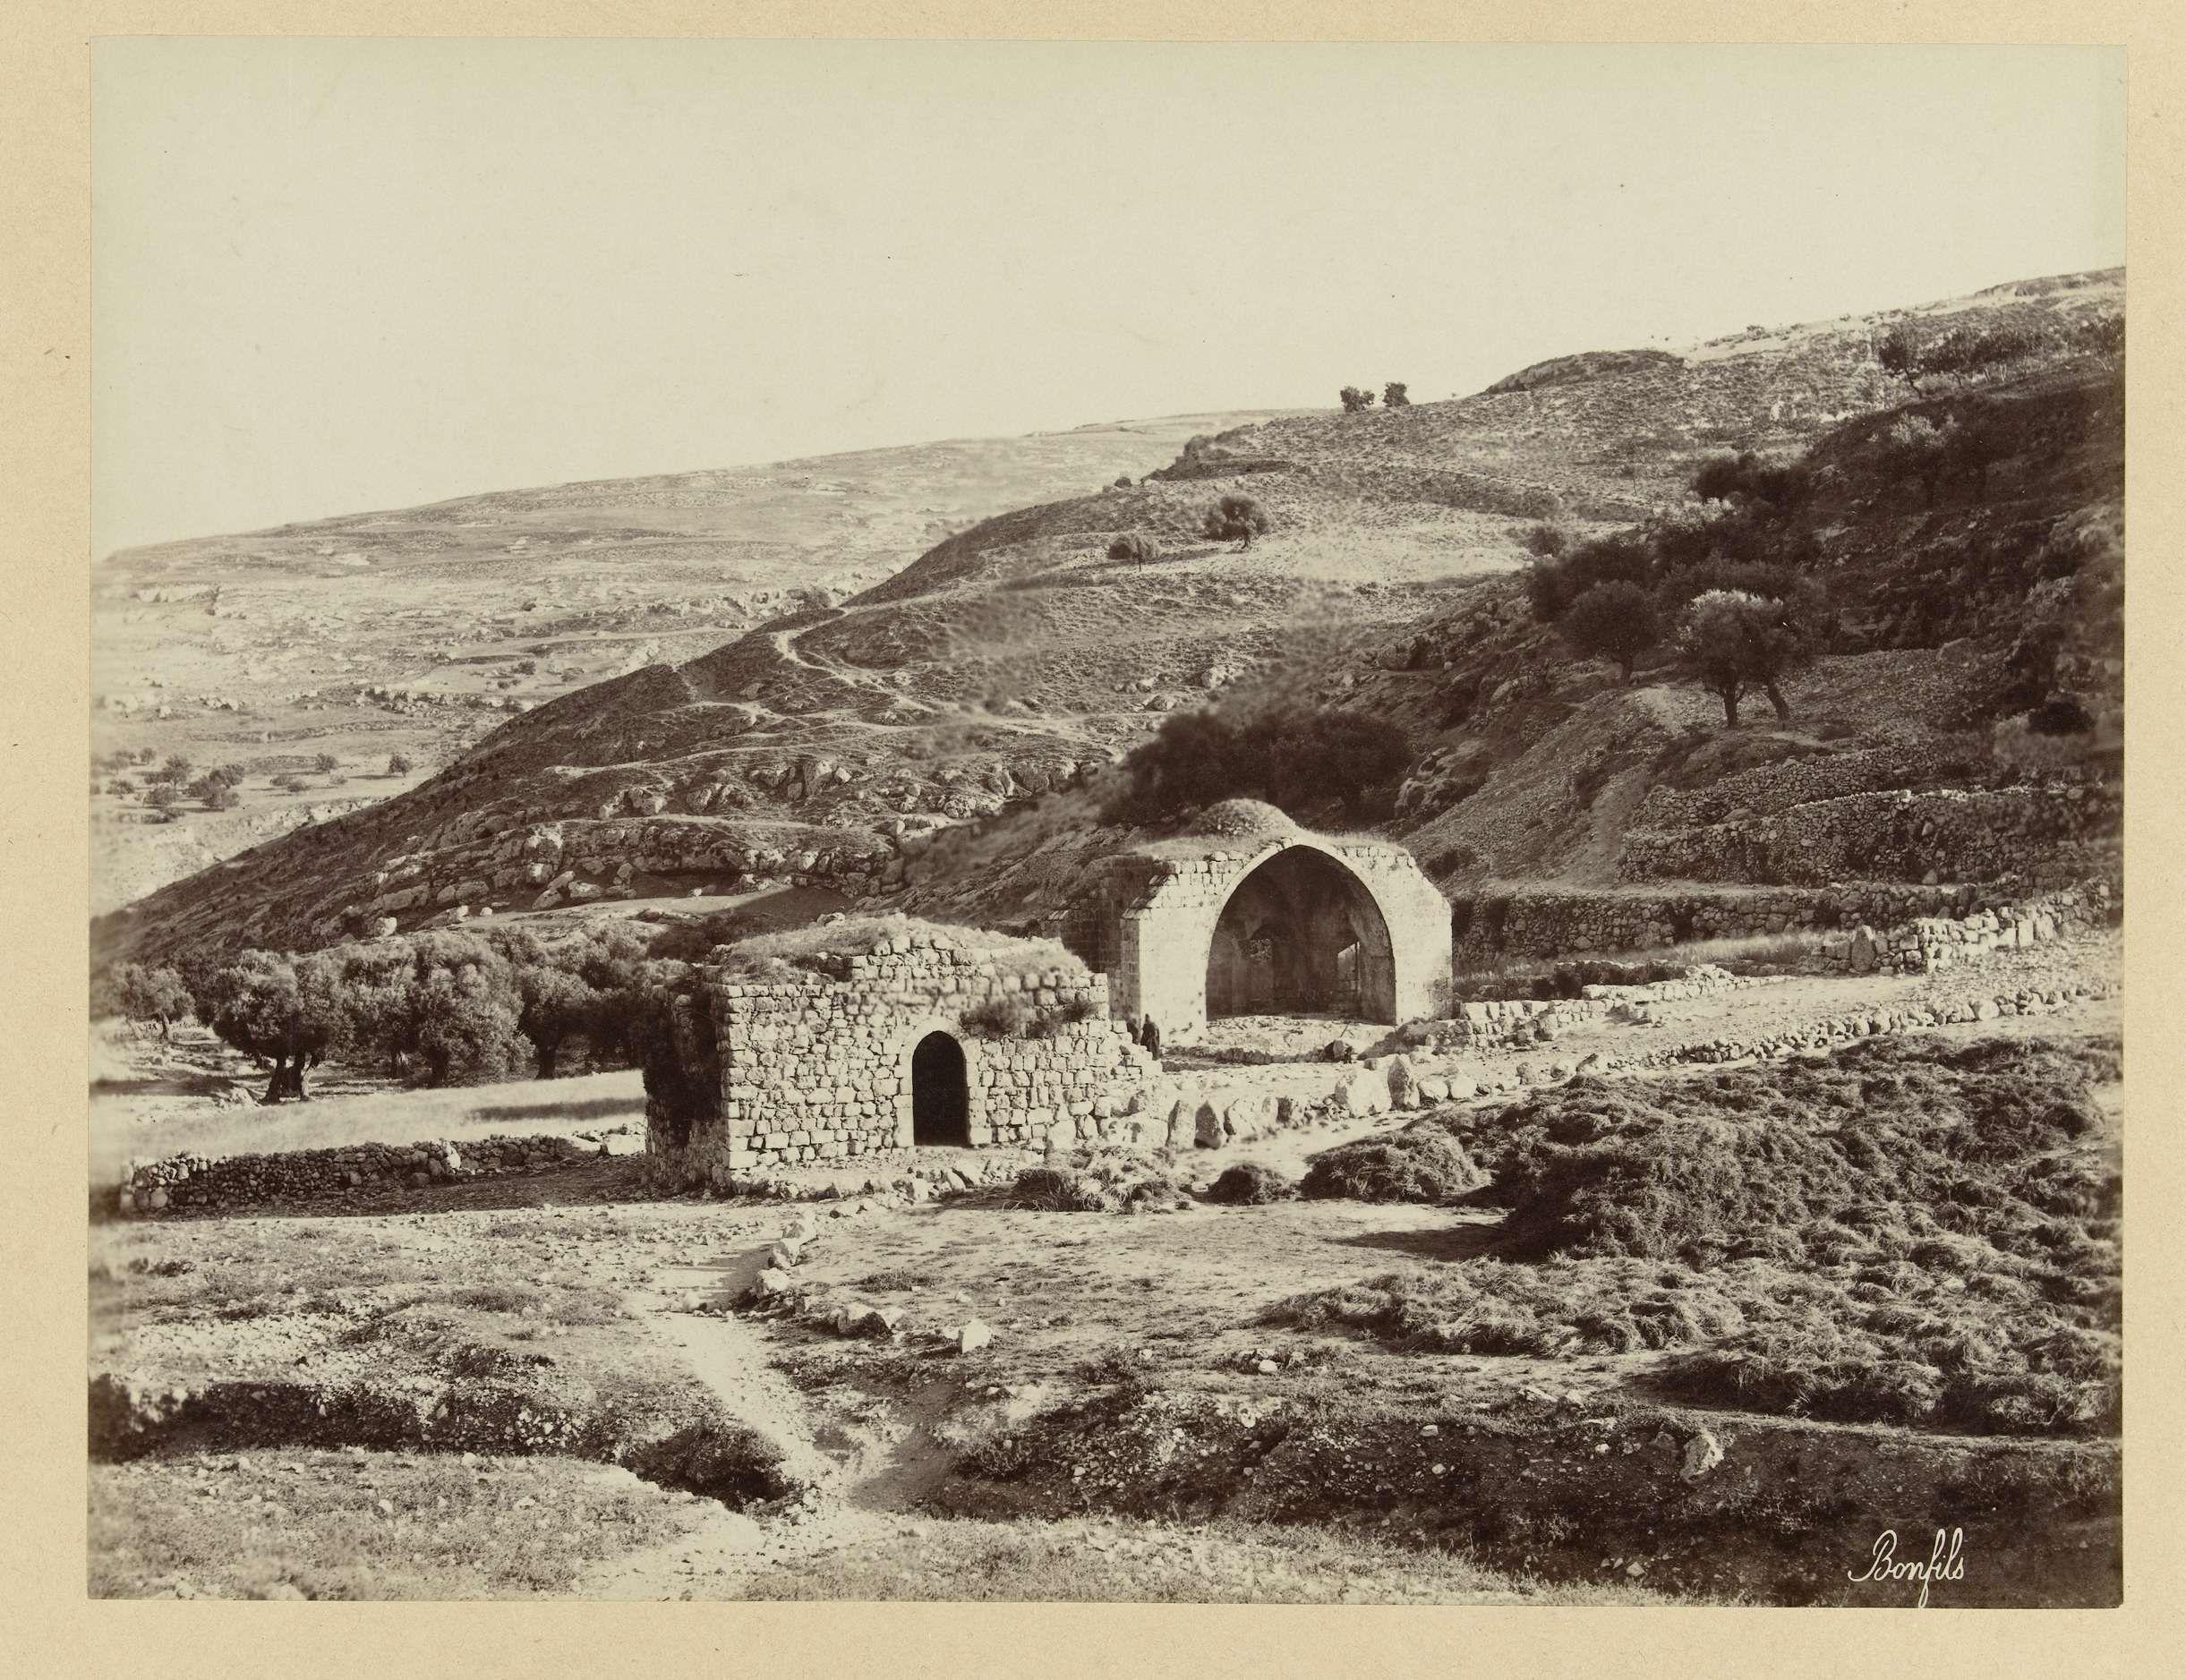 | Put van Job, c. 1895 - c. 1915 | De foto is onderdeel van de door Richard Polak verzamelde fotoserie uit Israël, Palestina en Syrië.